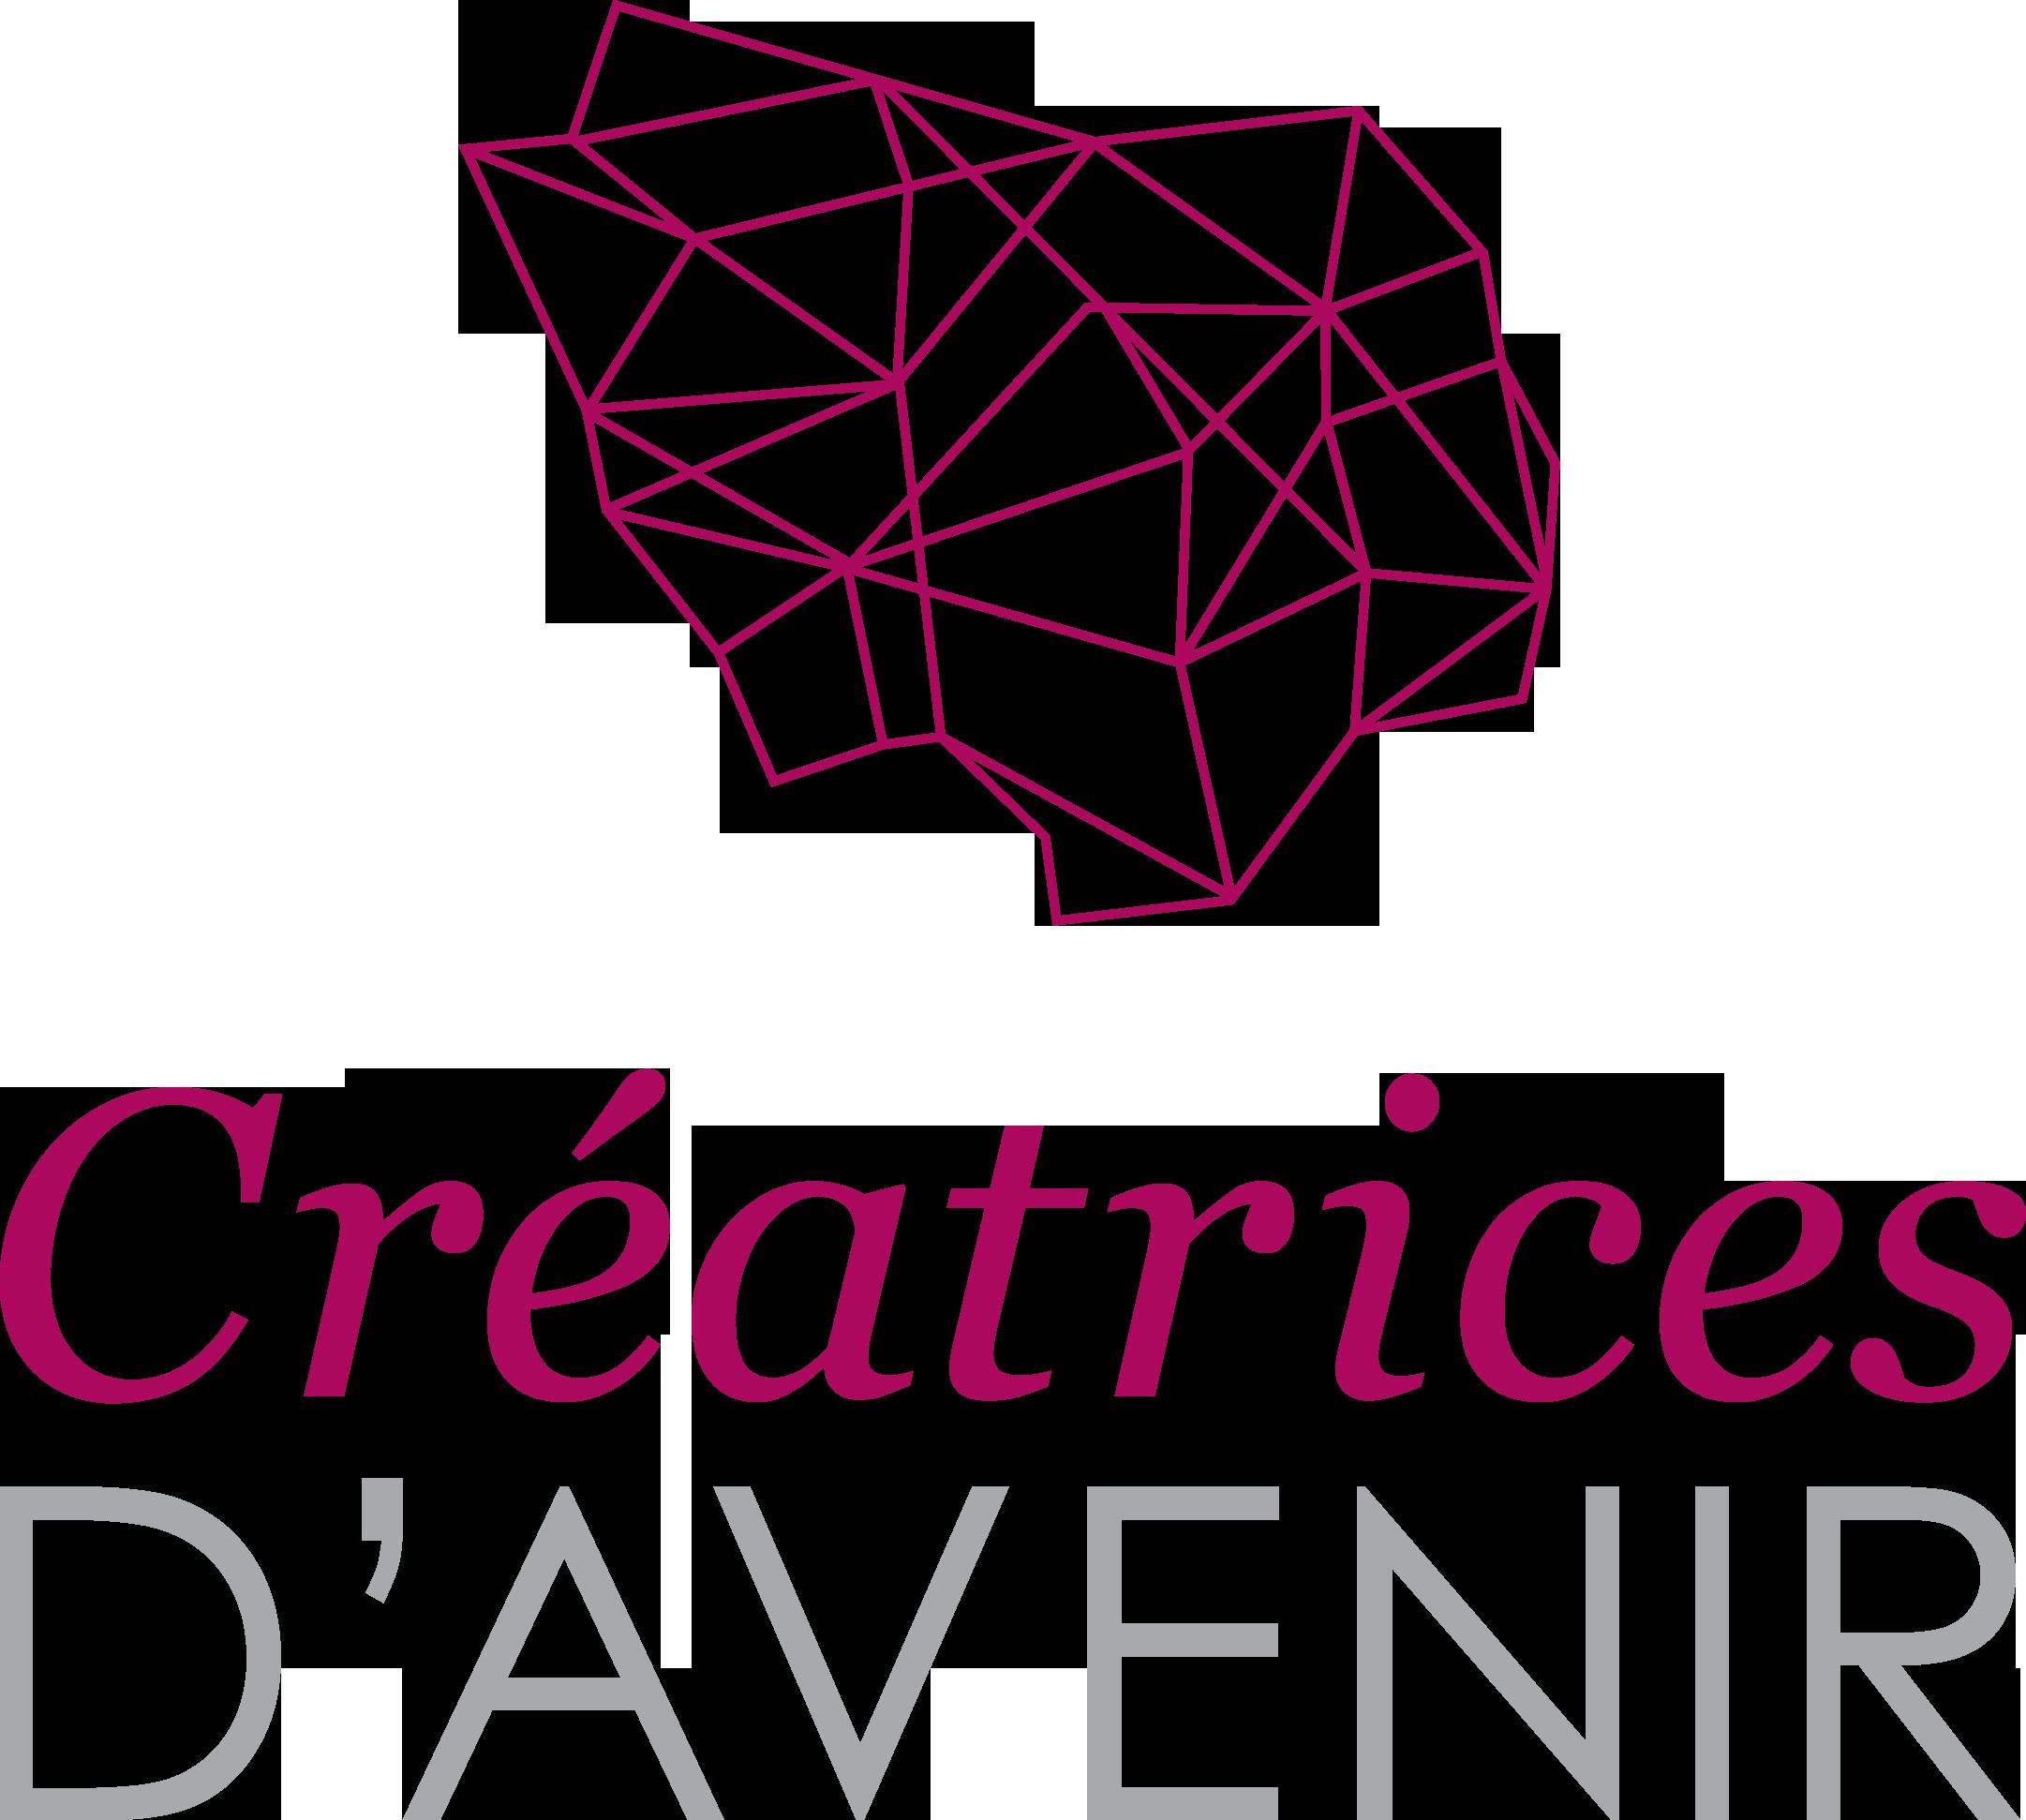 Creatrices-davenir